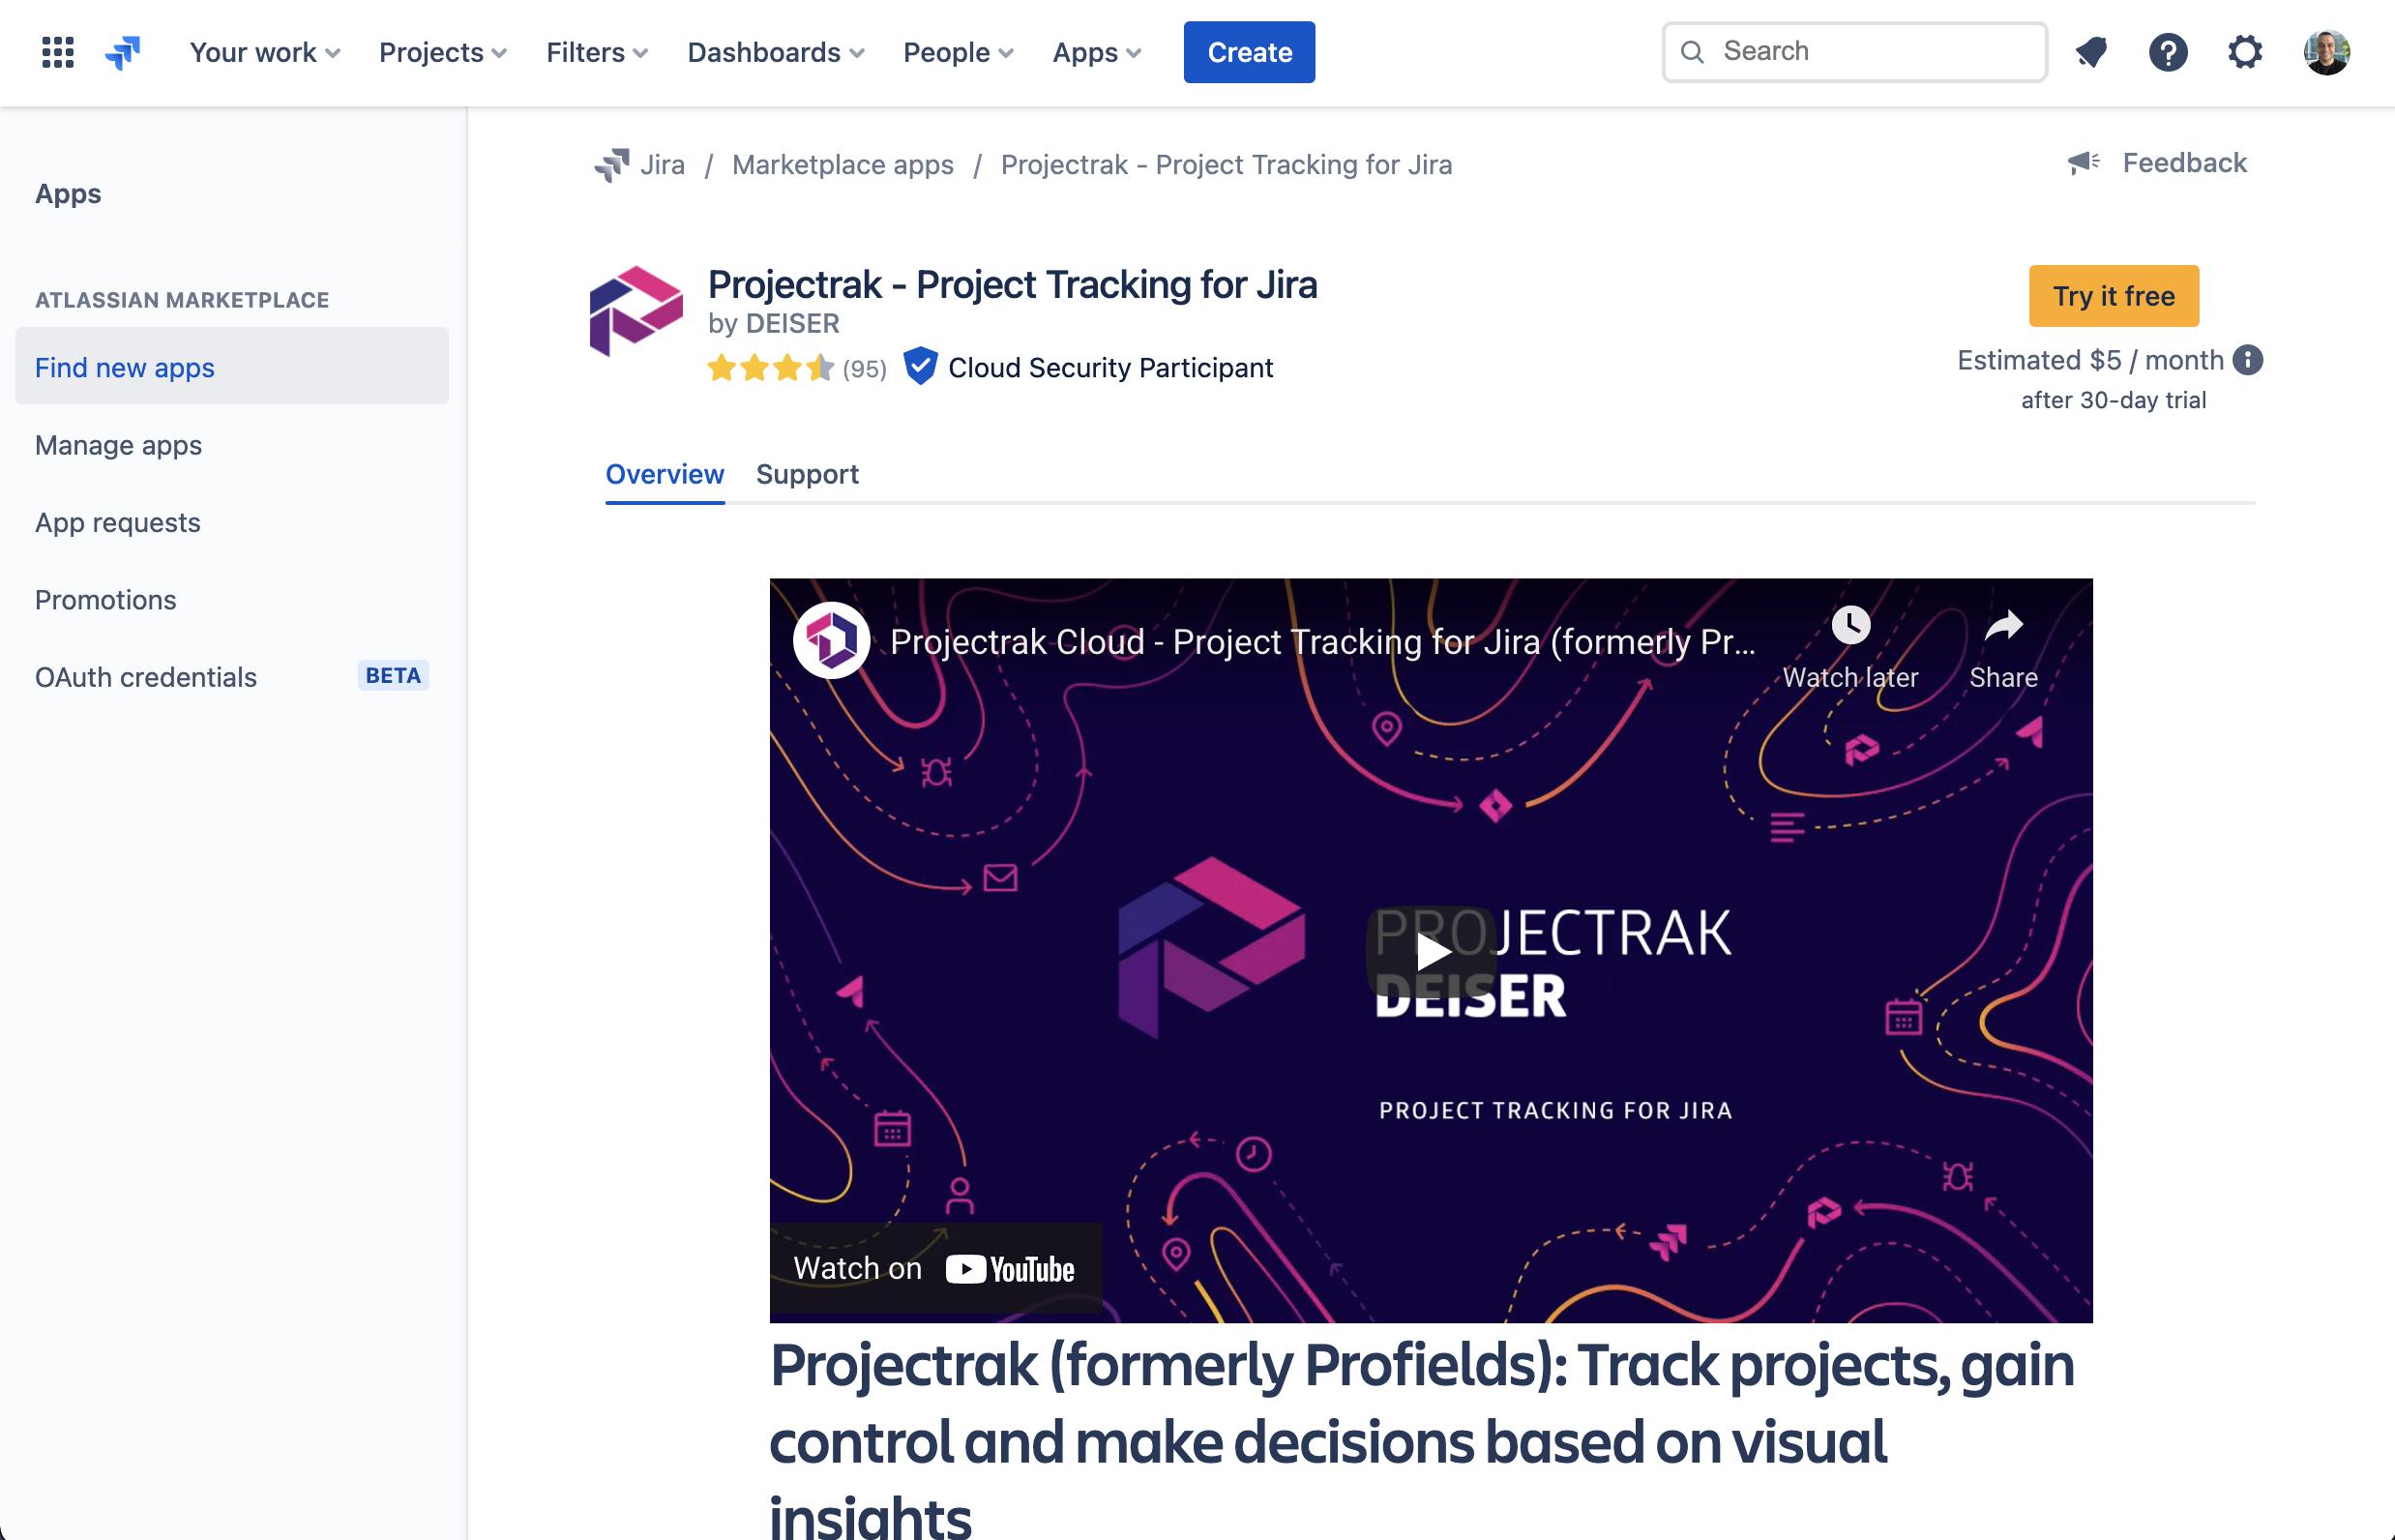 ¿Cómo descargar Projectrak para Jira para hacer seguimiento de proyectos en Jira Cloud?